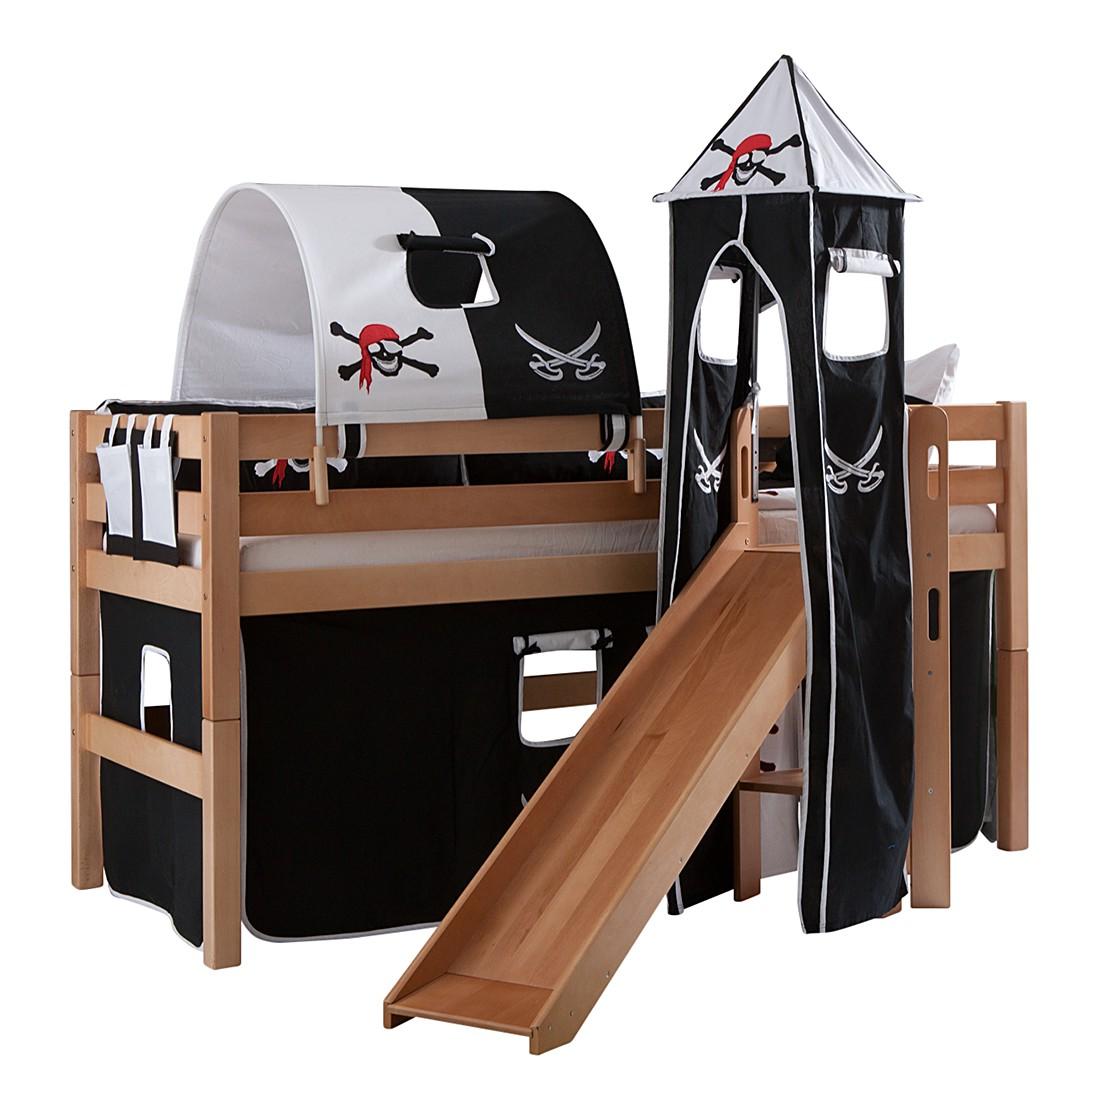 Spielbett Eliyas - mit Rutsche, Vorhang, Tunnel, Turm und Tasche - Buche natur/Textil Pirat, Relita